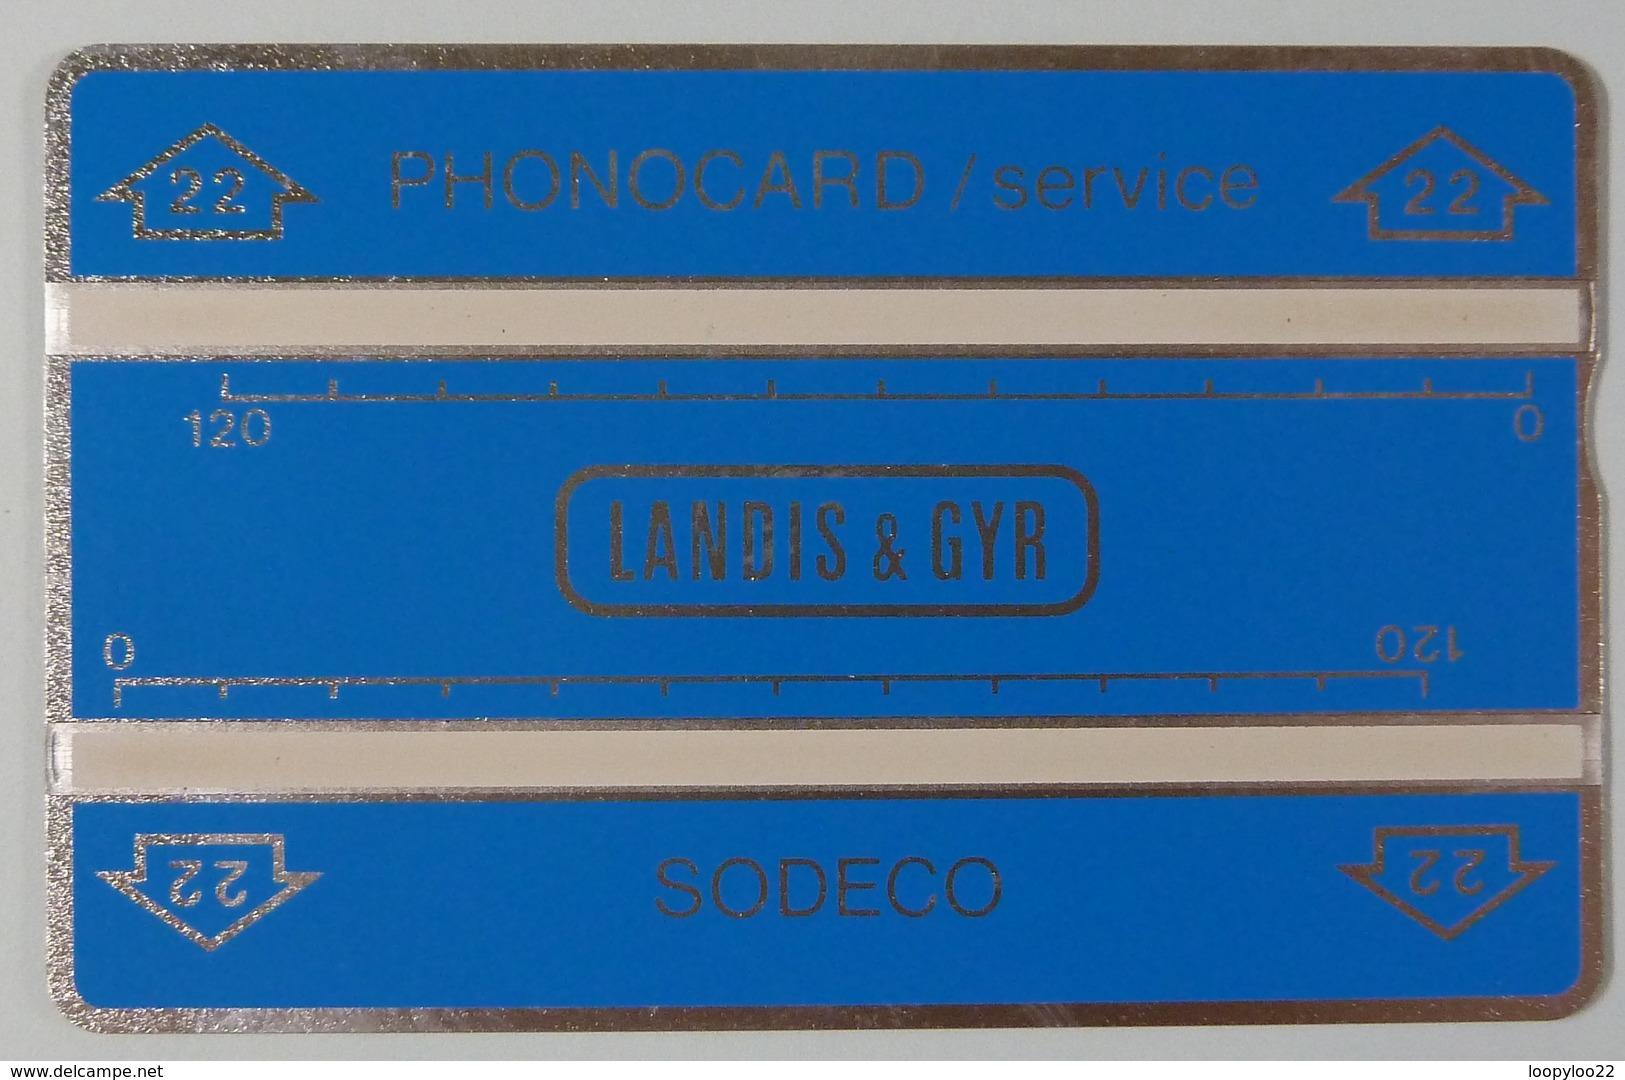 CAPE VERDE - L&G - Landis & Gyr - 012G - Service - CPV-T-1 - 240 Units - MINT - Cap Vert